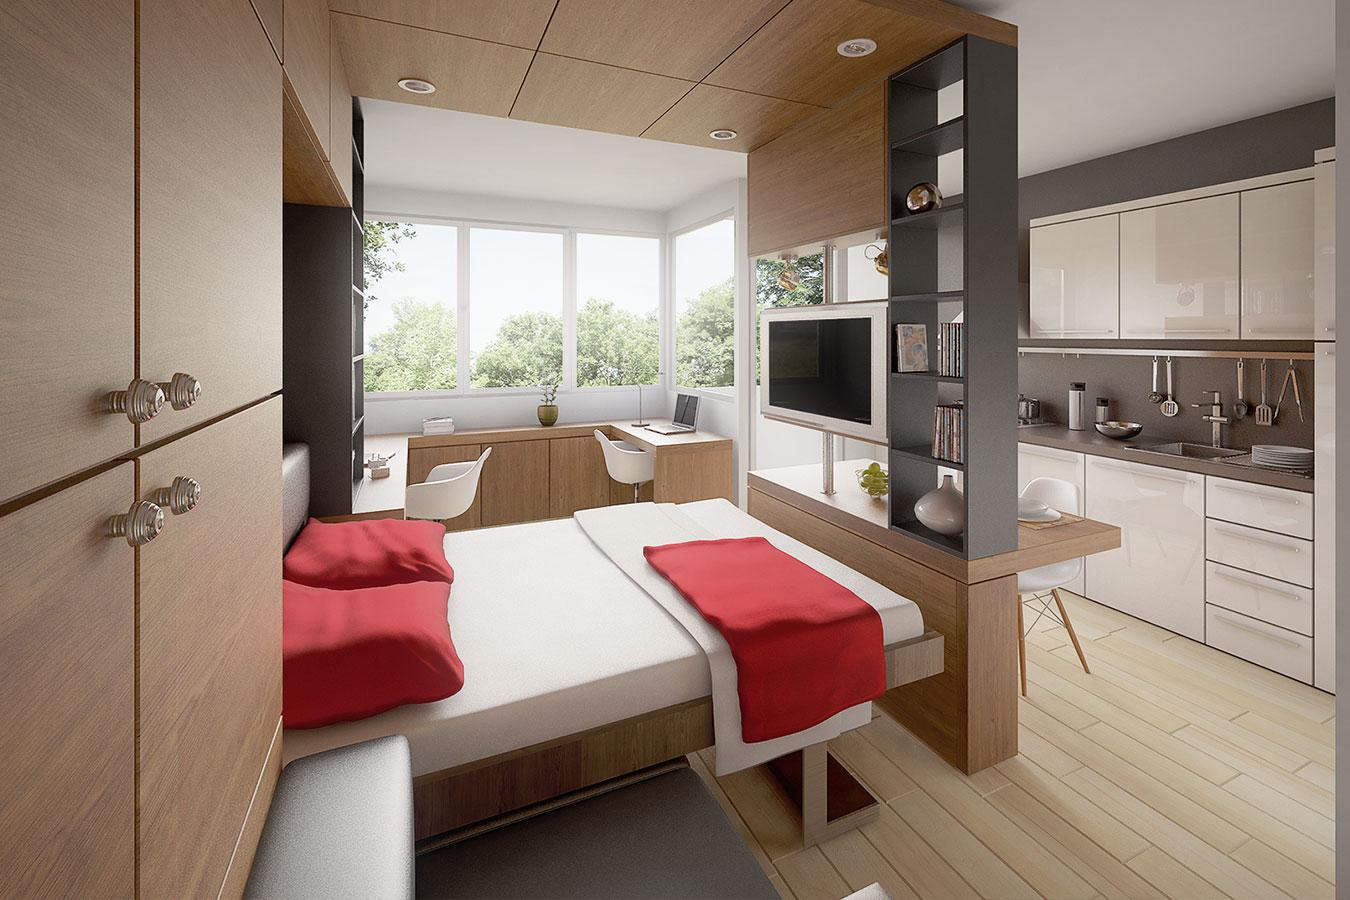 3d Visualisierung Preise innenansicht 3d visualisierung rendering architektur